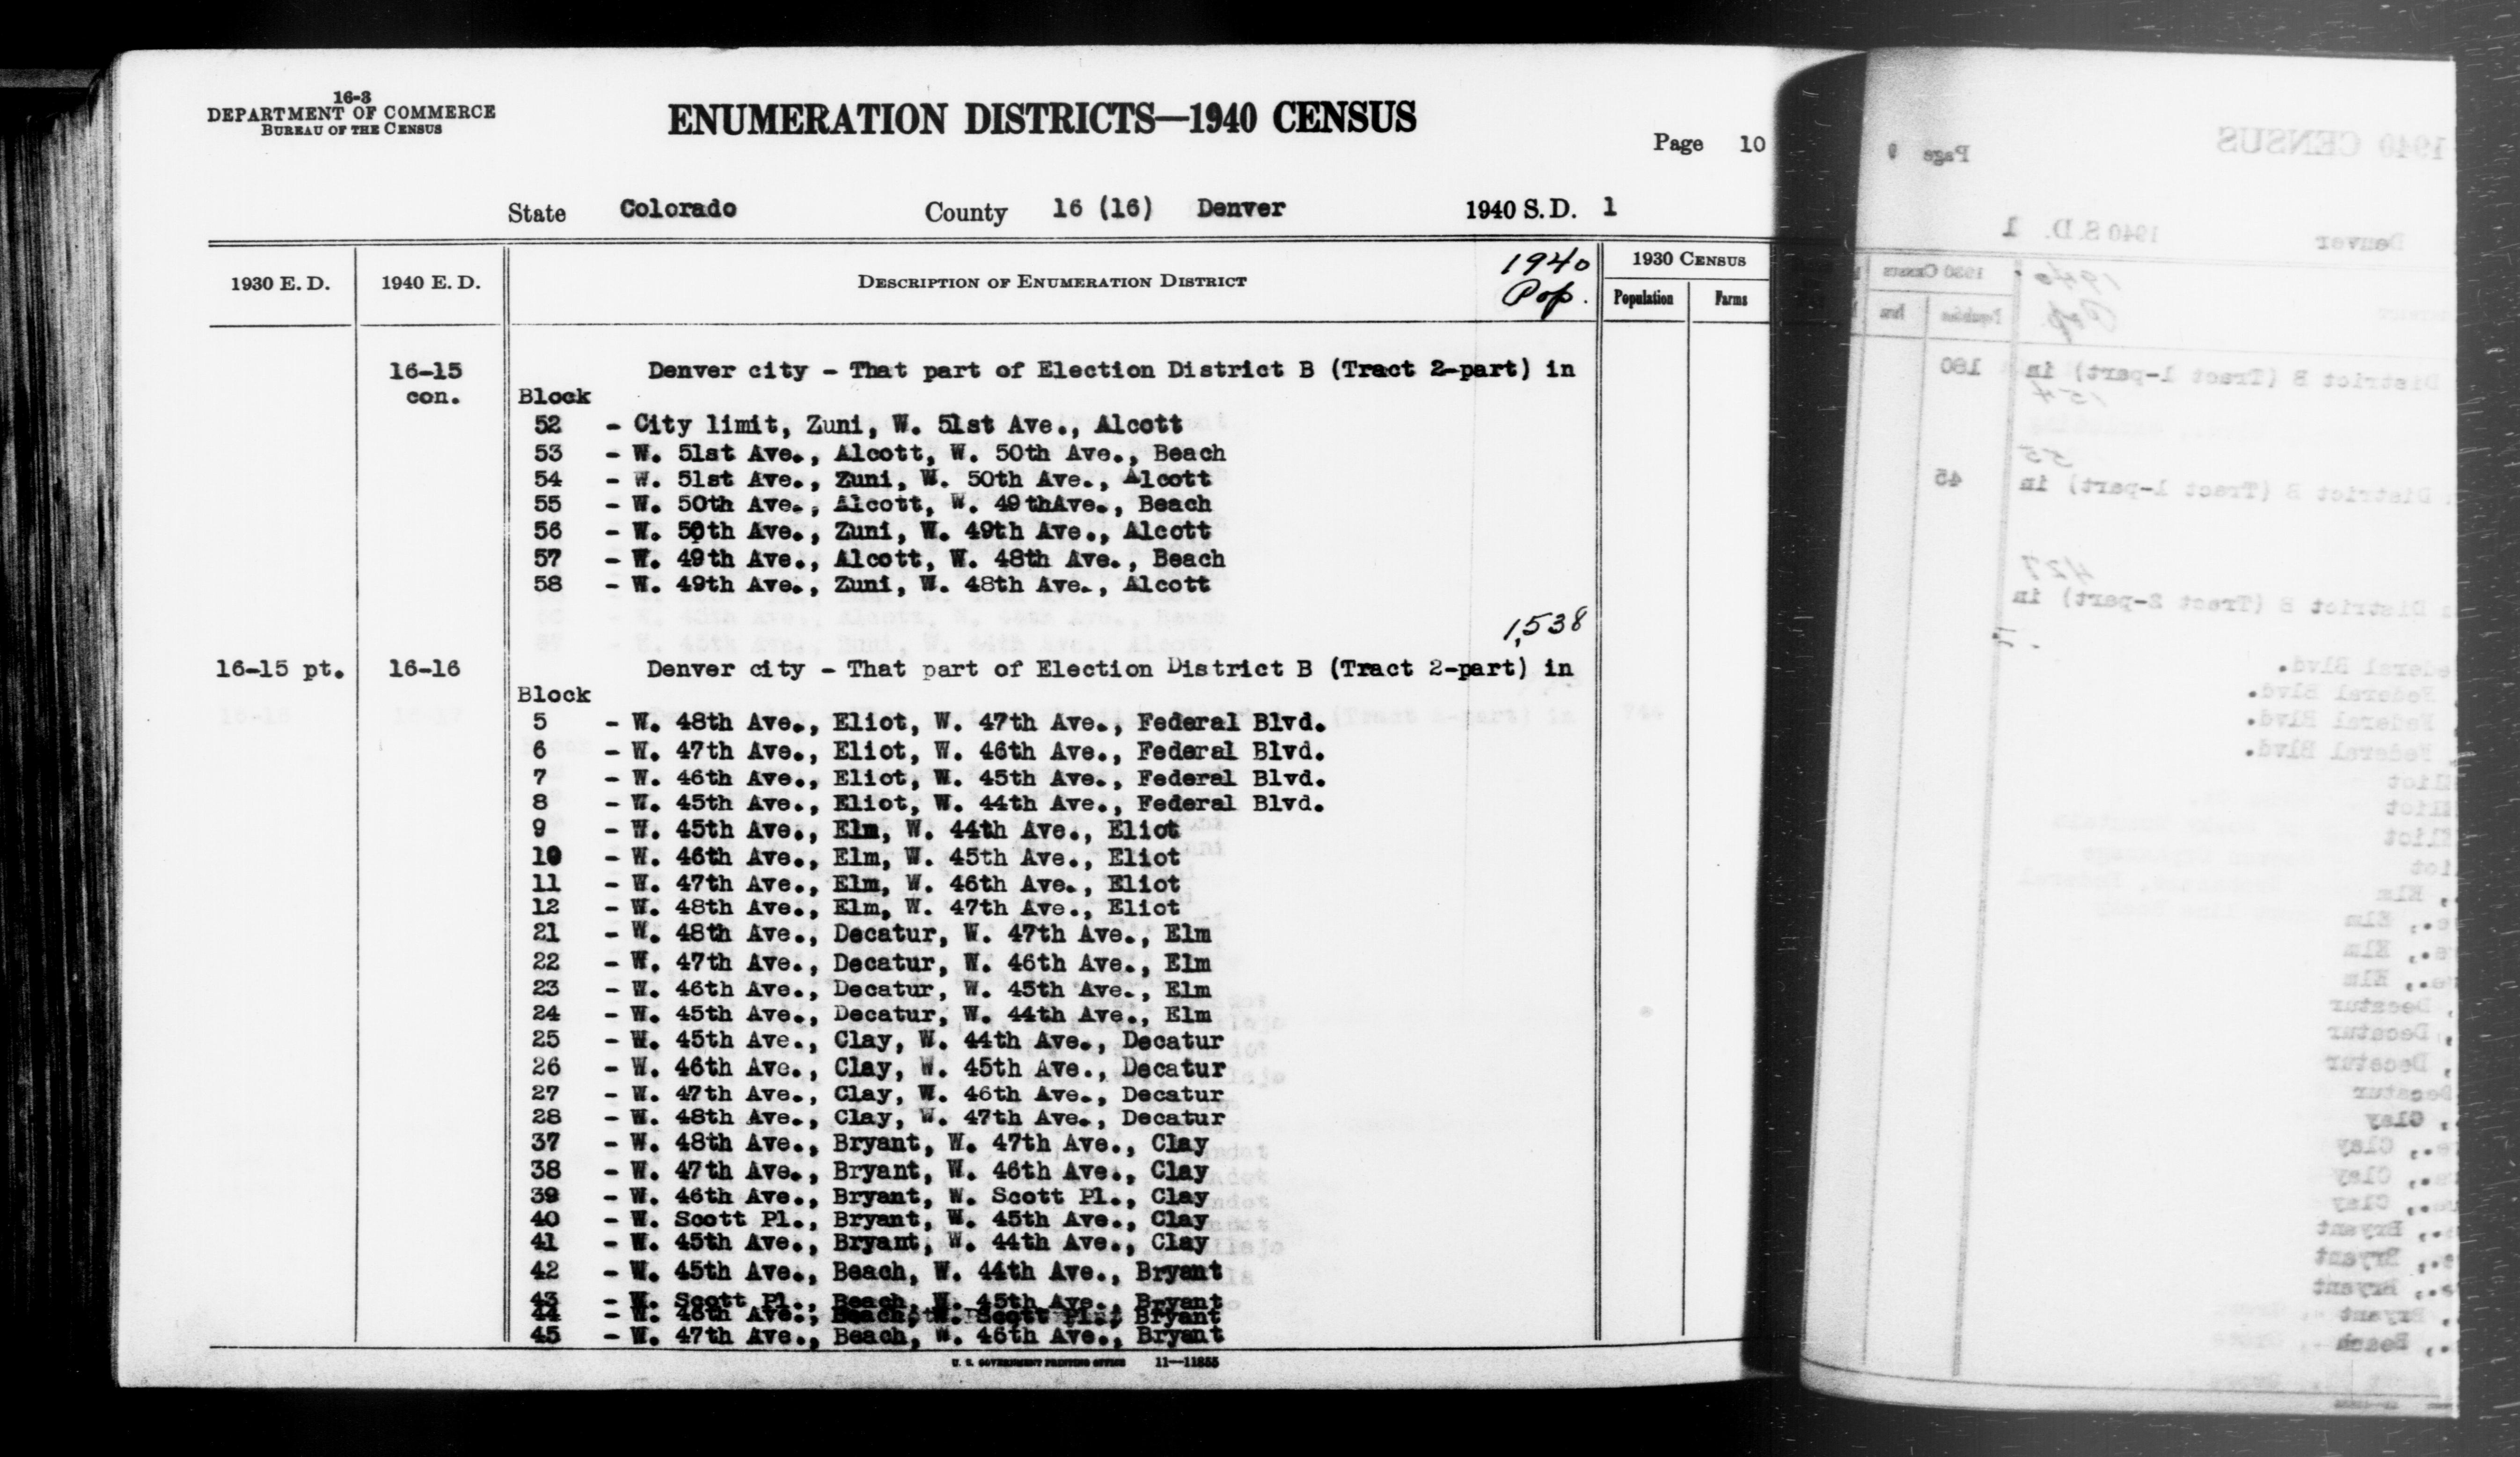 1940 Census Enumeration District Descriptions - Colorado - Denver County - ED 16-15, ED 16-16